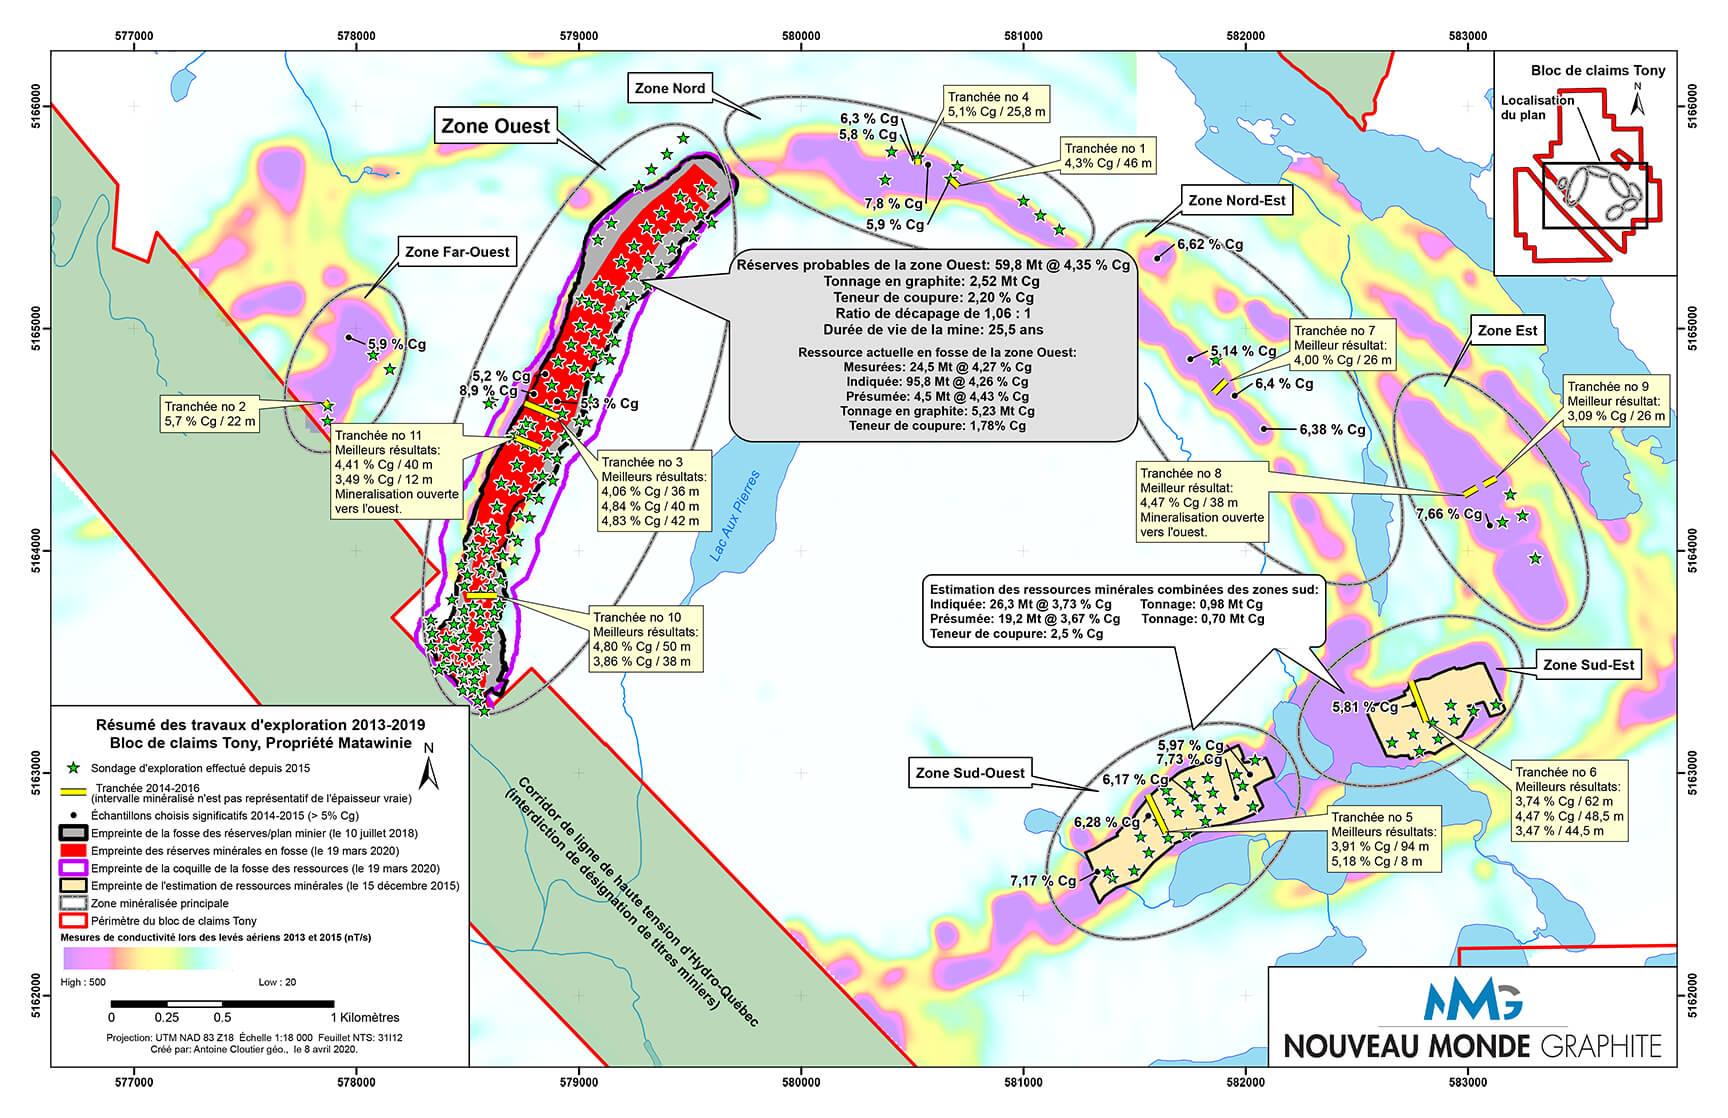 Carte présentant le site de travaux d'exploration Matawinie